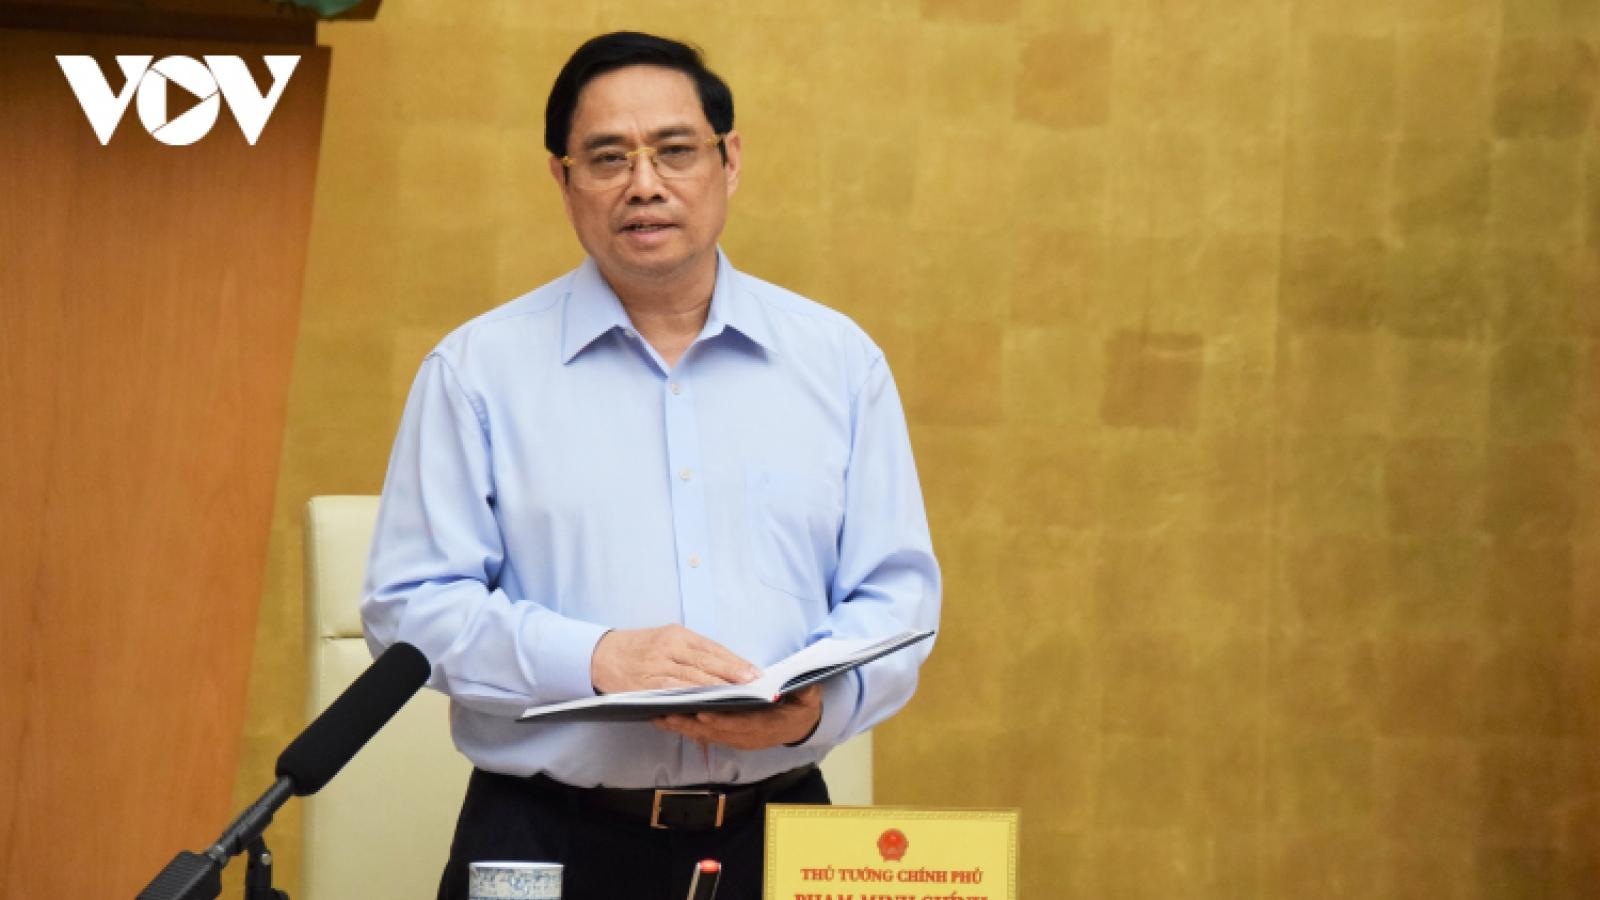 Thủ tướng Phạm Minh Chính chỉ đạo quan tâm hơn nữa đến đội ngũ y, bác sĩ chống dịch